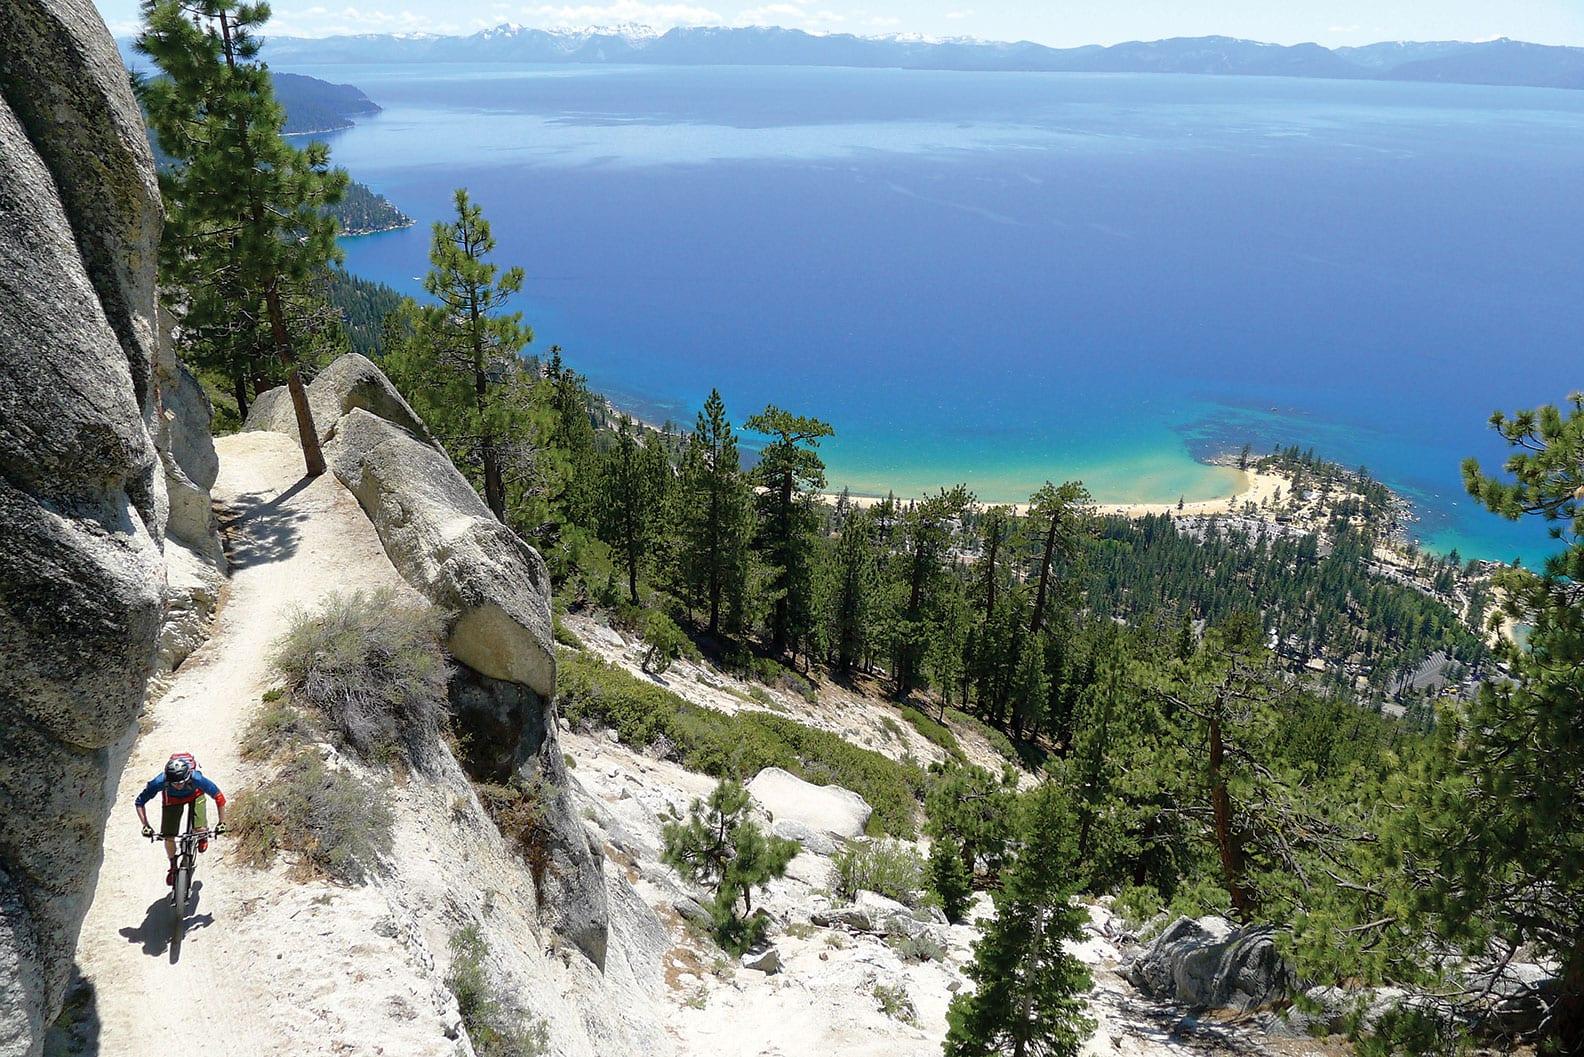 Lake Tahoe bike trails